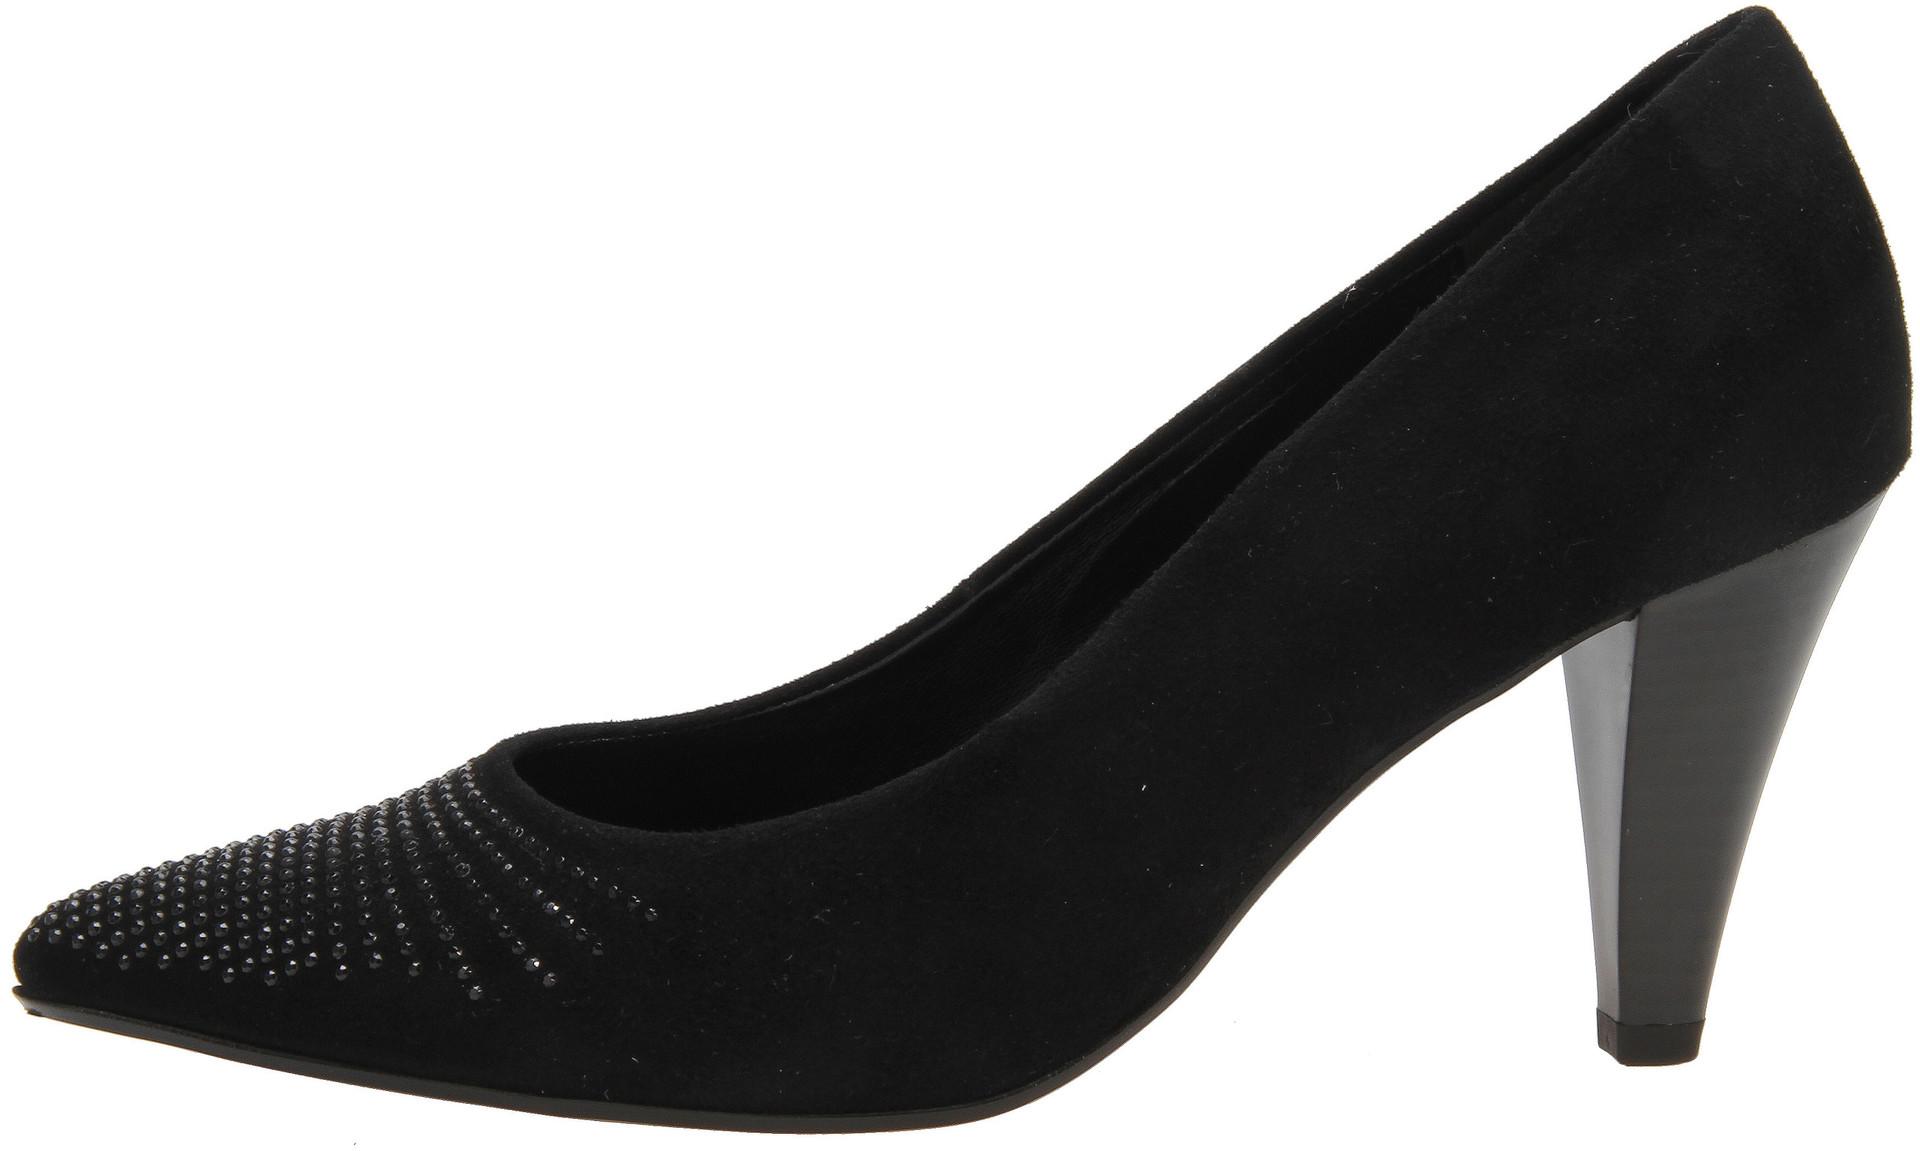 37a603a760 Soňa - Dámska obuv - Lodičky - Čierne kožené lodičky Gabor na vysokom  podpätku